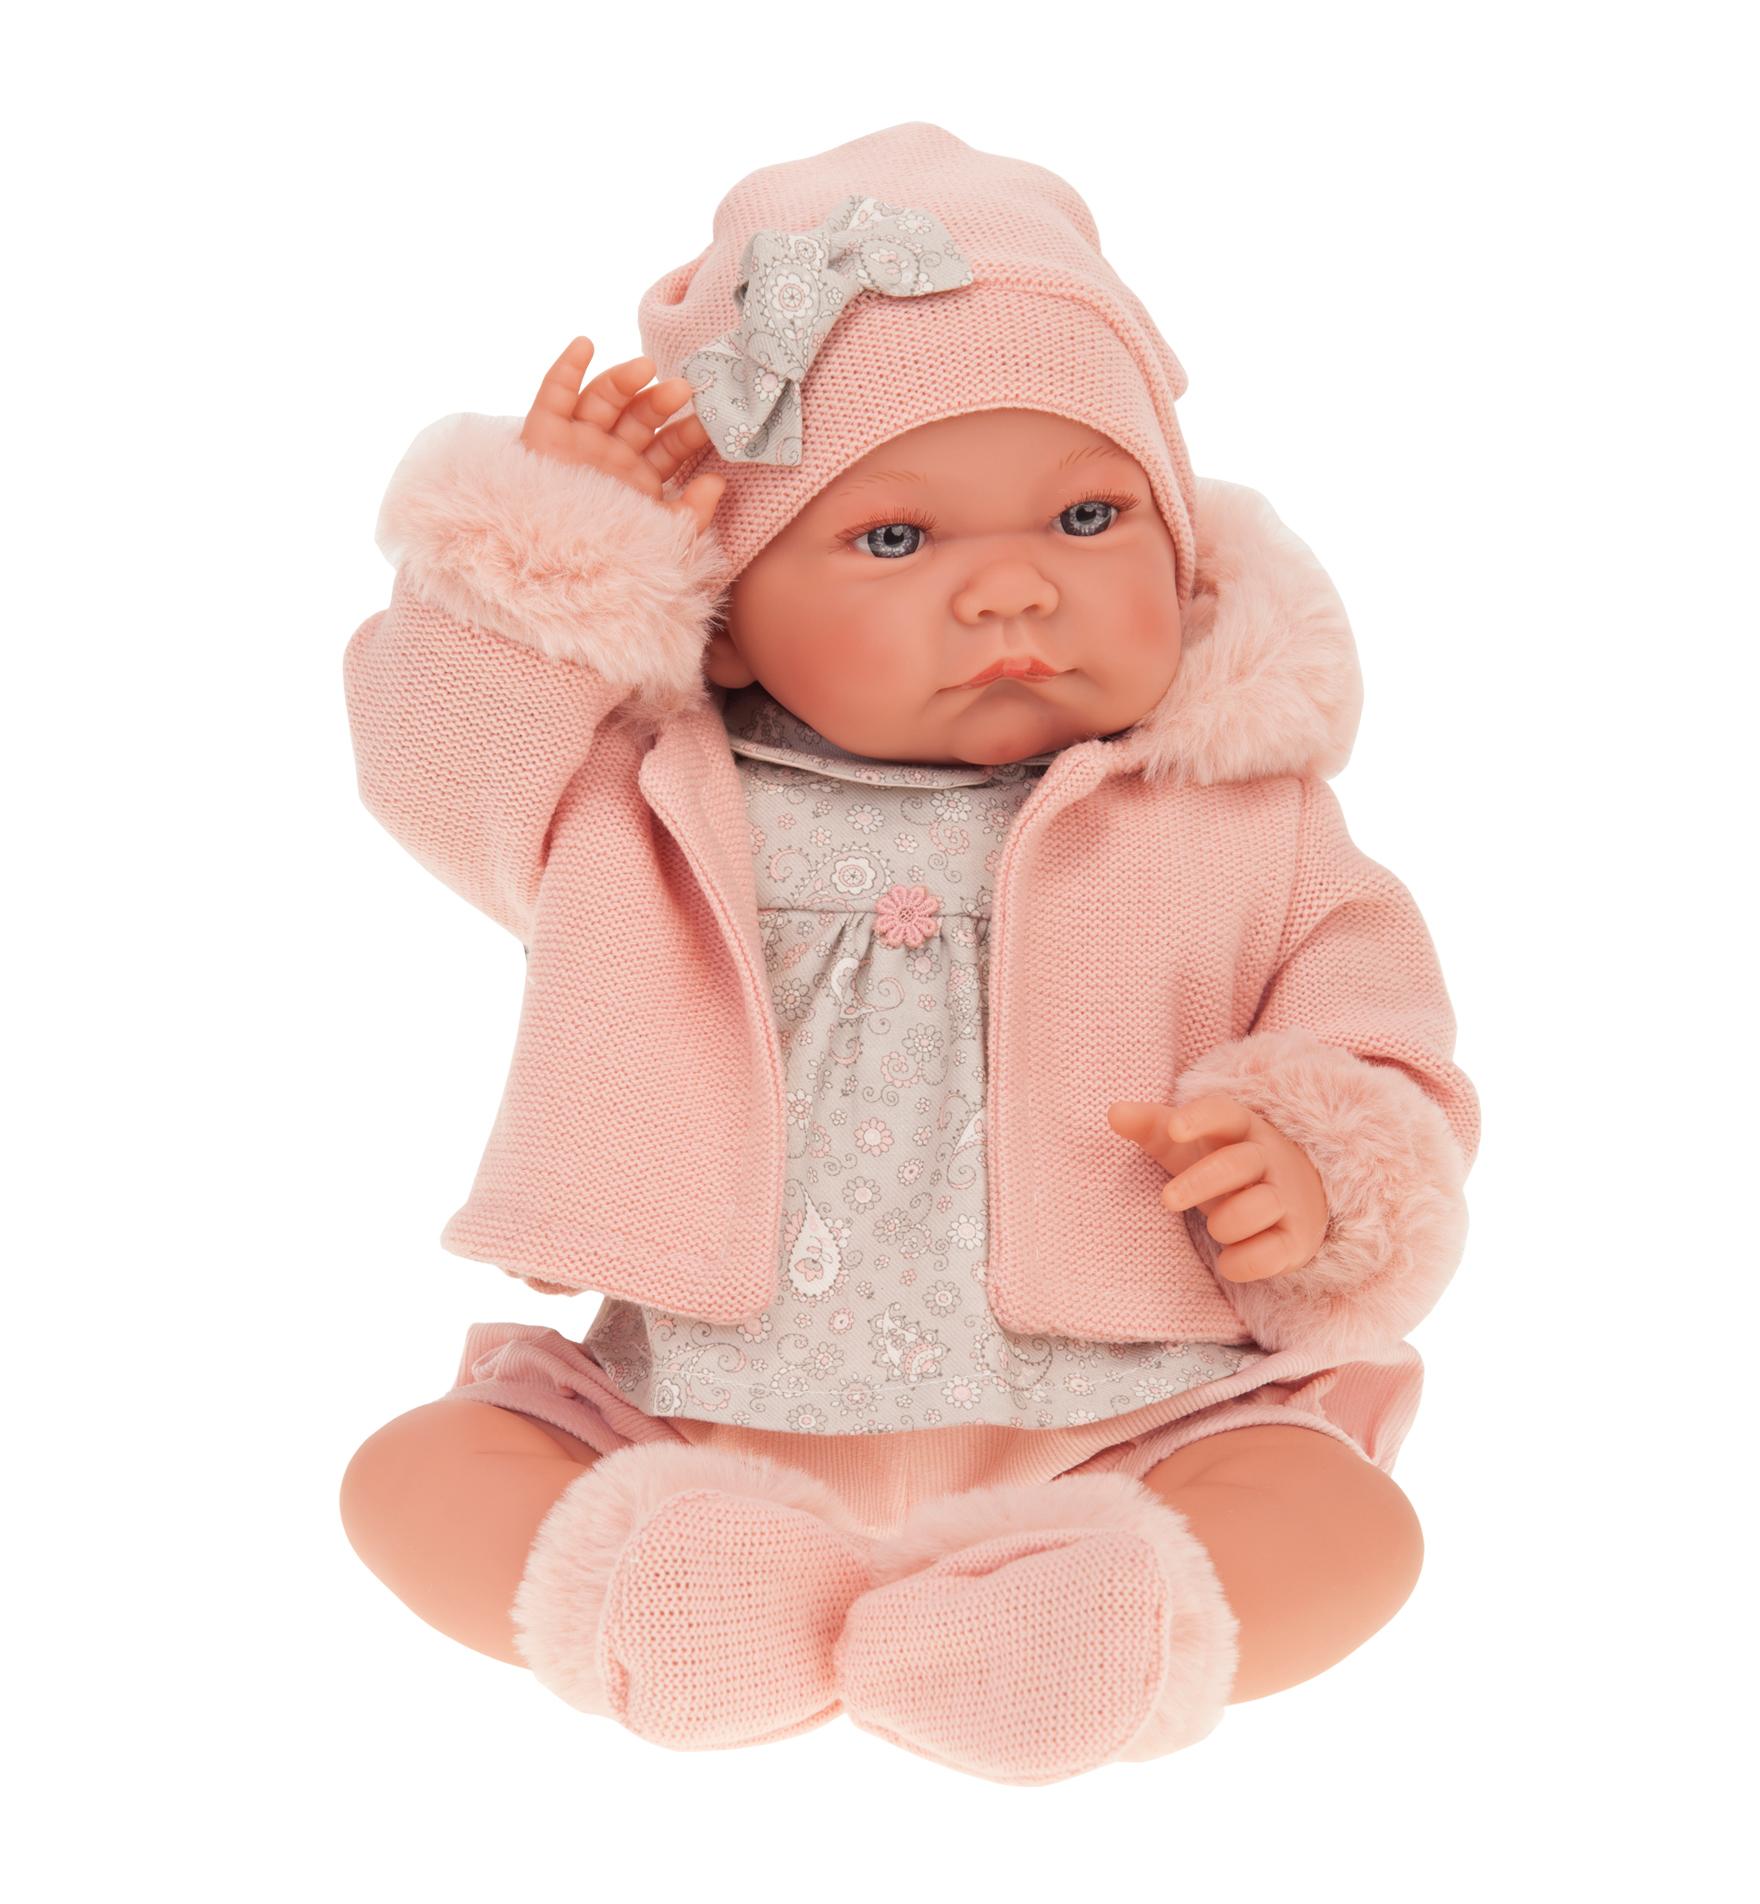 Купить Antonio Juan 3378P Кукла Наталия в розовом, 40см, Испания